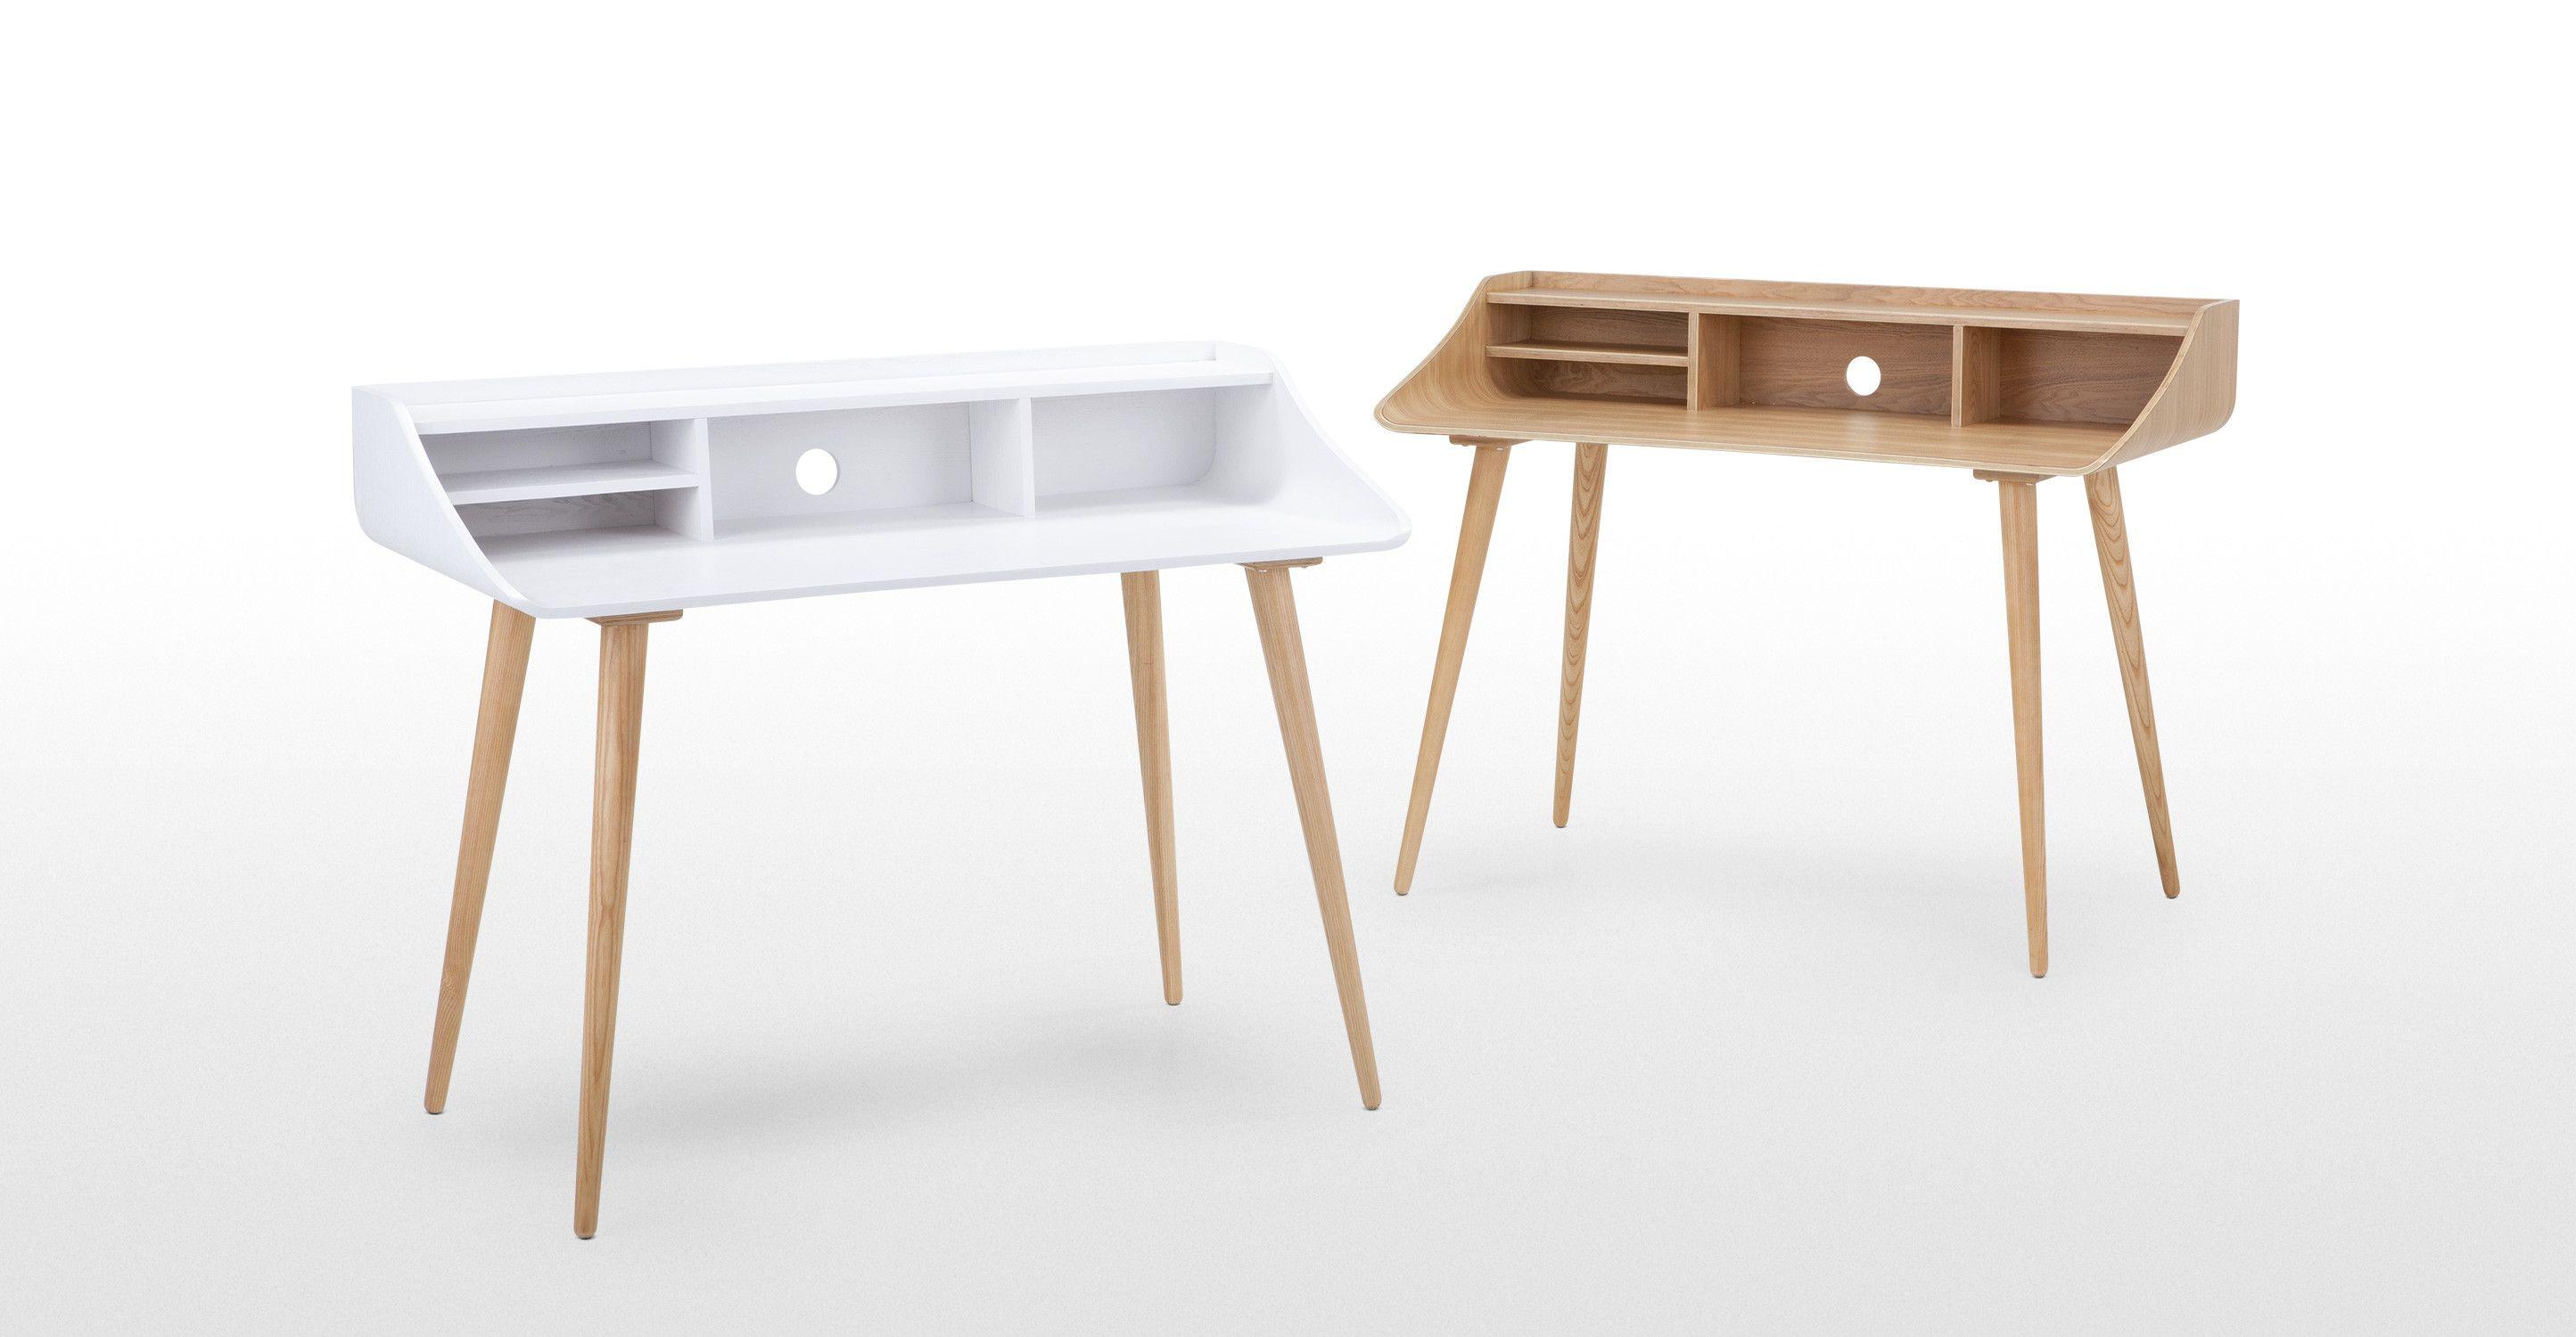 Esme un bureau blanc et frêne office furniture bureaus and